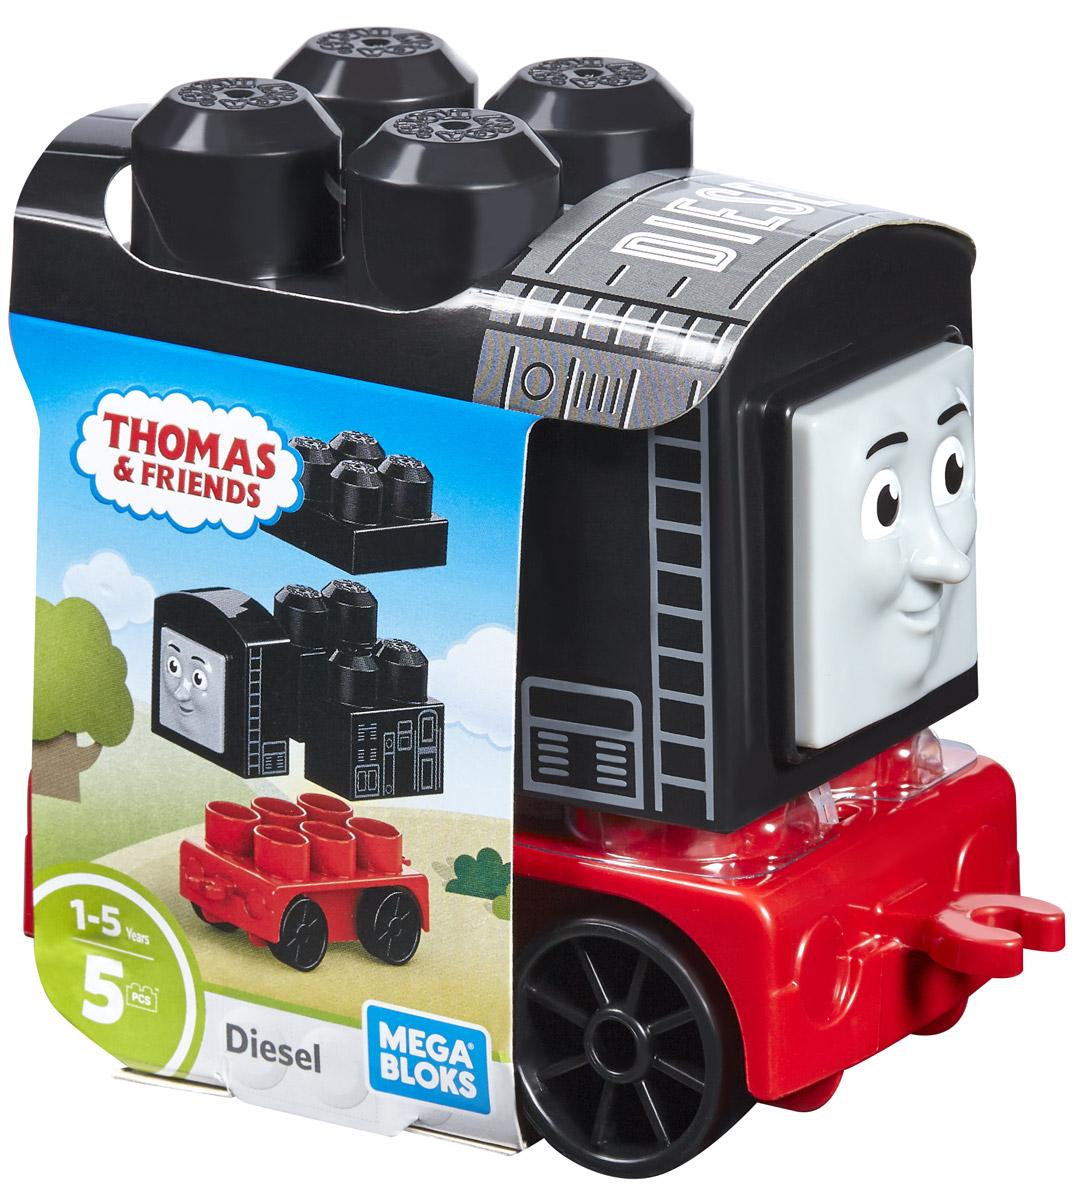 Mega Bloks Thomas & Friends Конструктор Паровозик Дизель конструкторы mega bloks томас и друзья томас и гарольд